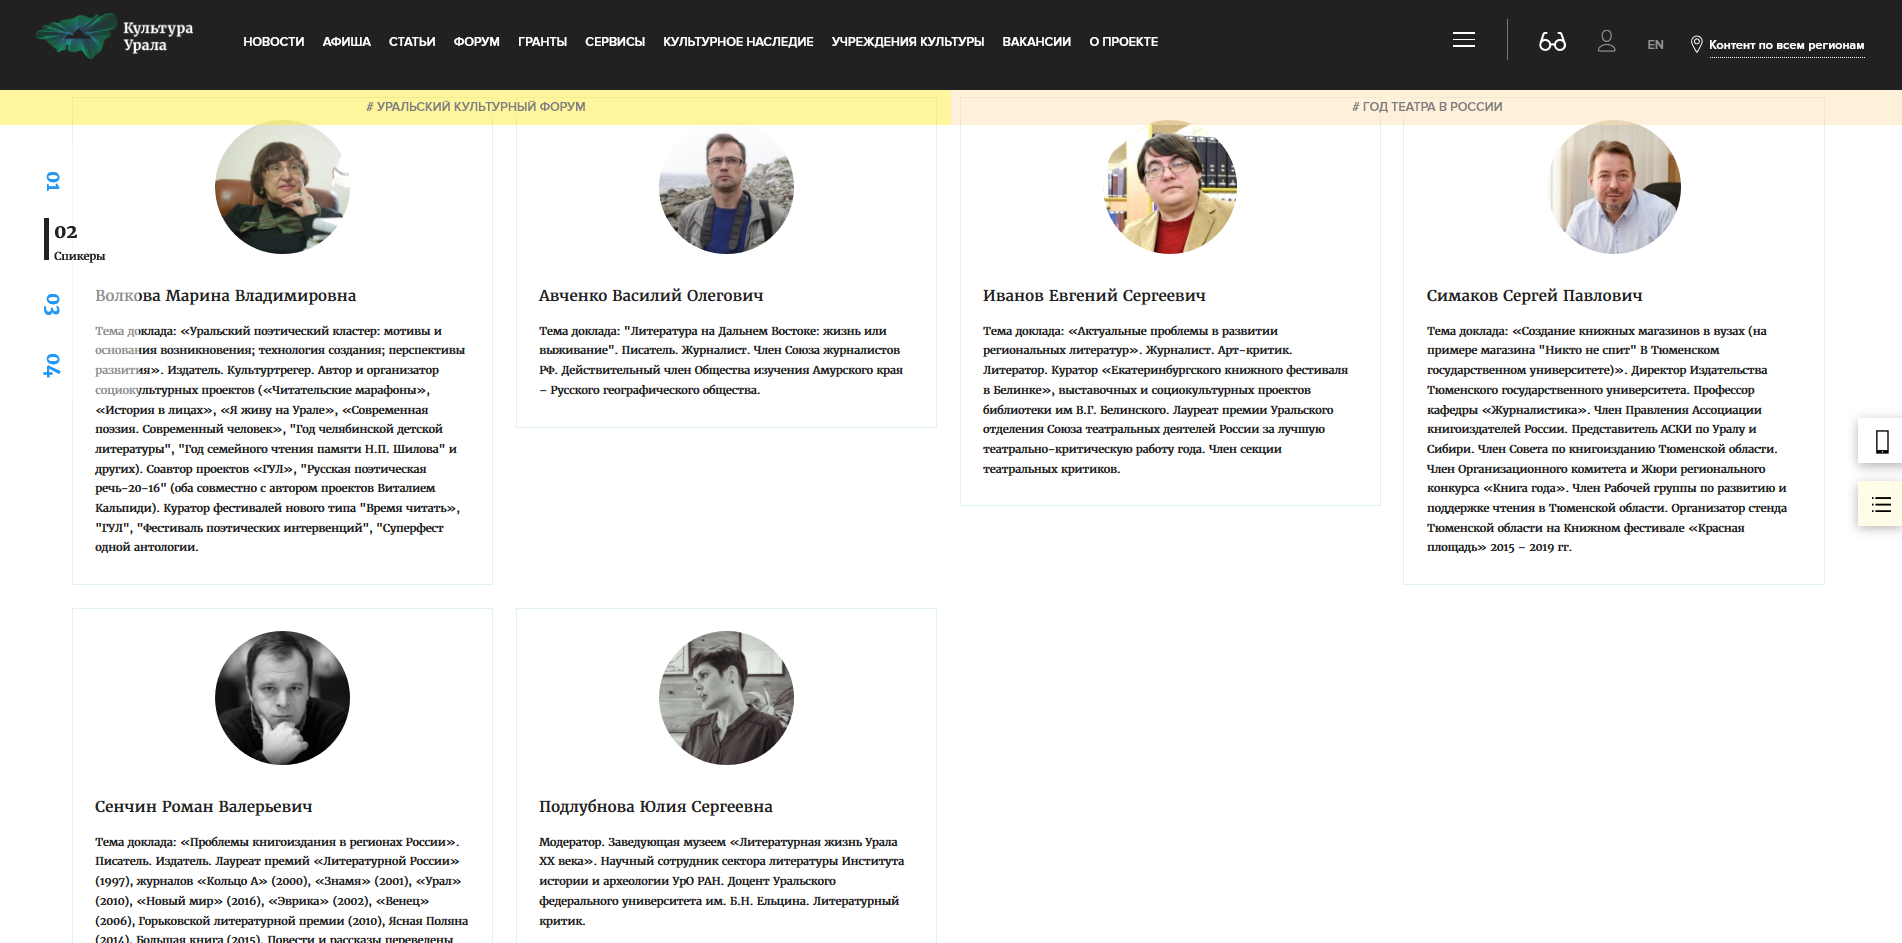 Уральский культурный форум